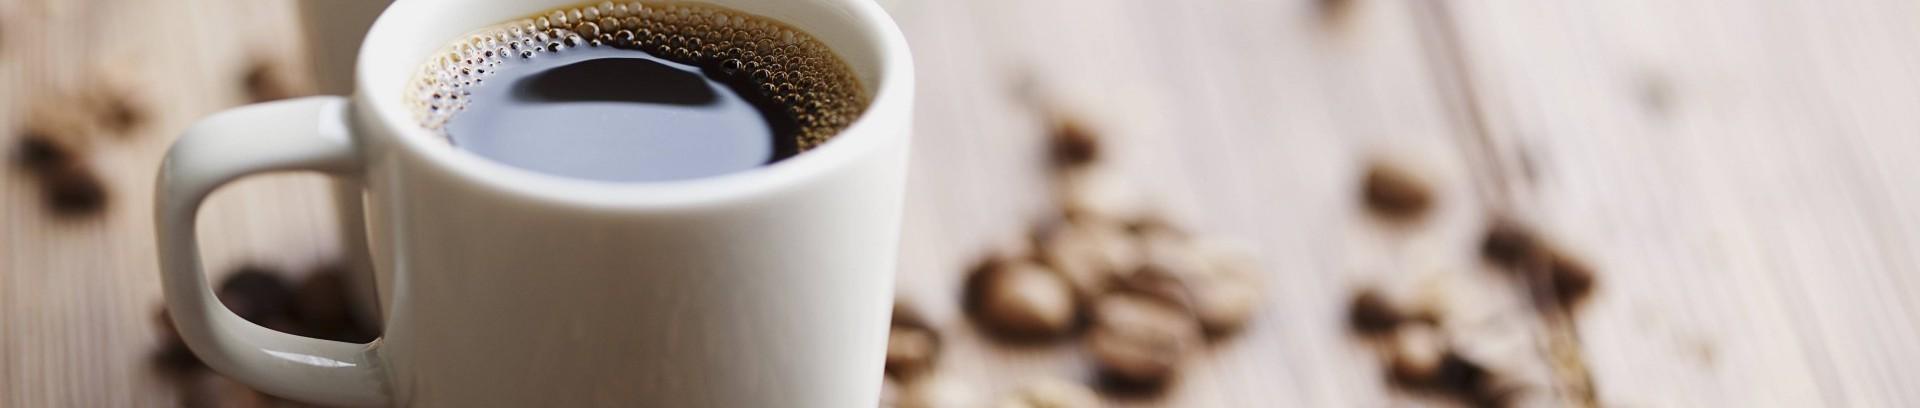 чашки кофе e1440805970674 - Виды кофе - разнообразие напитков...